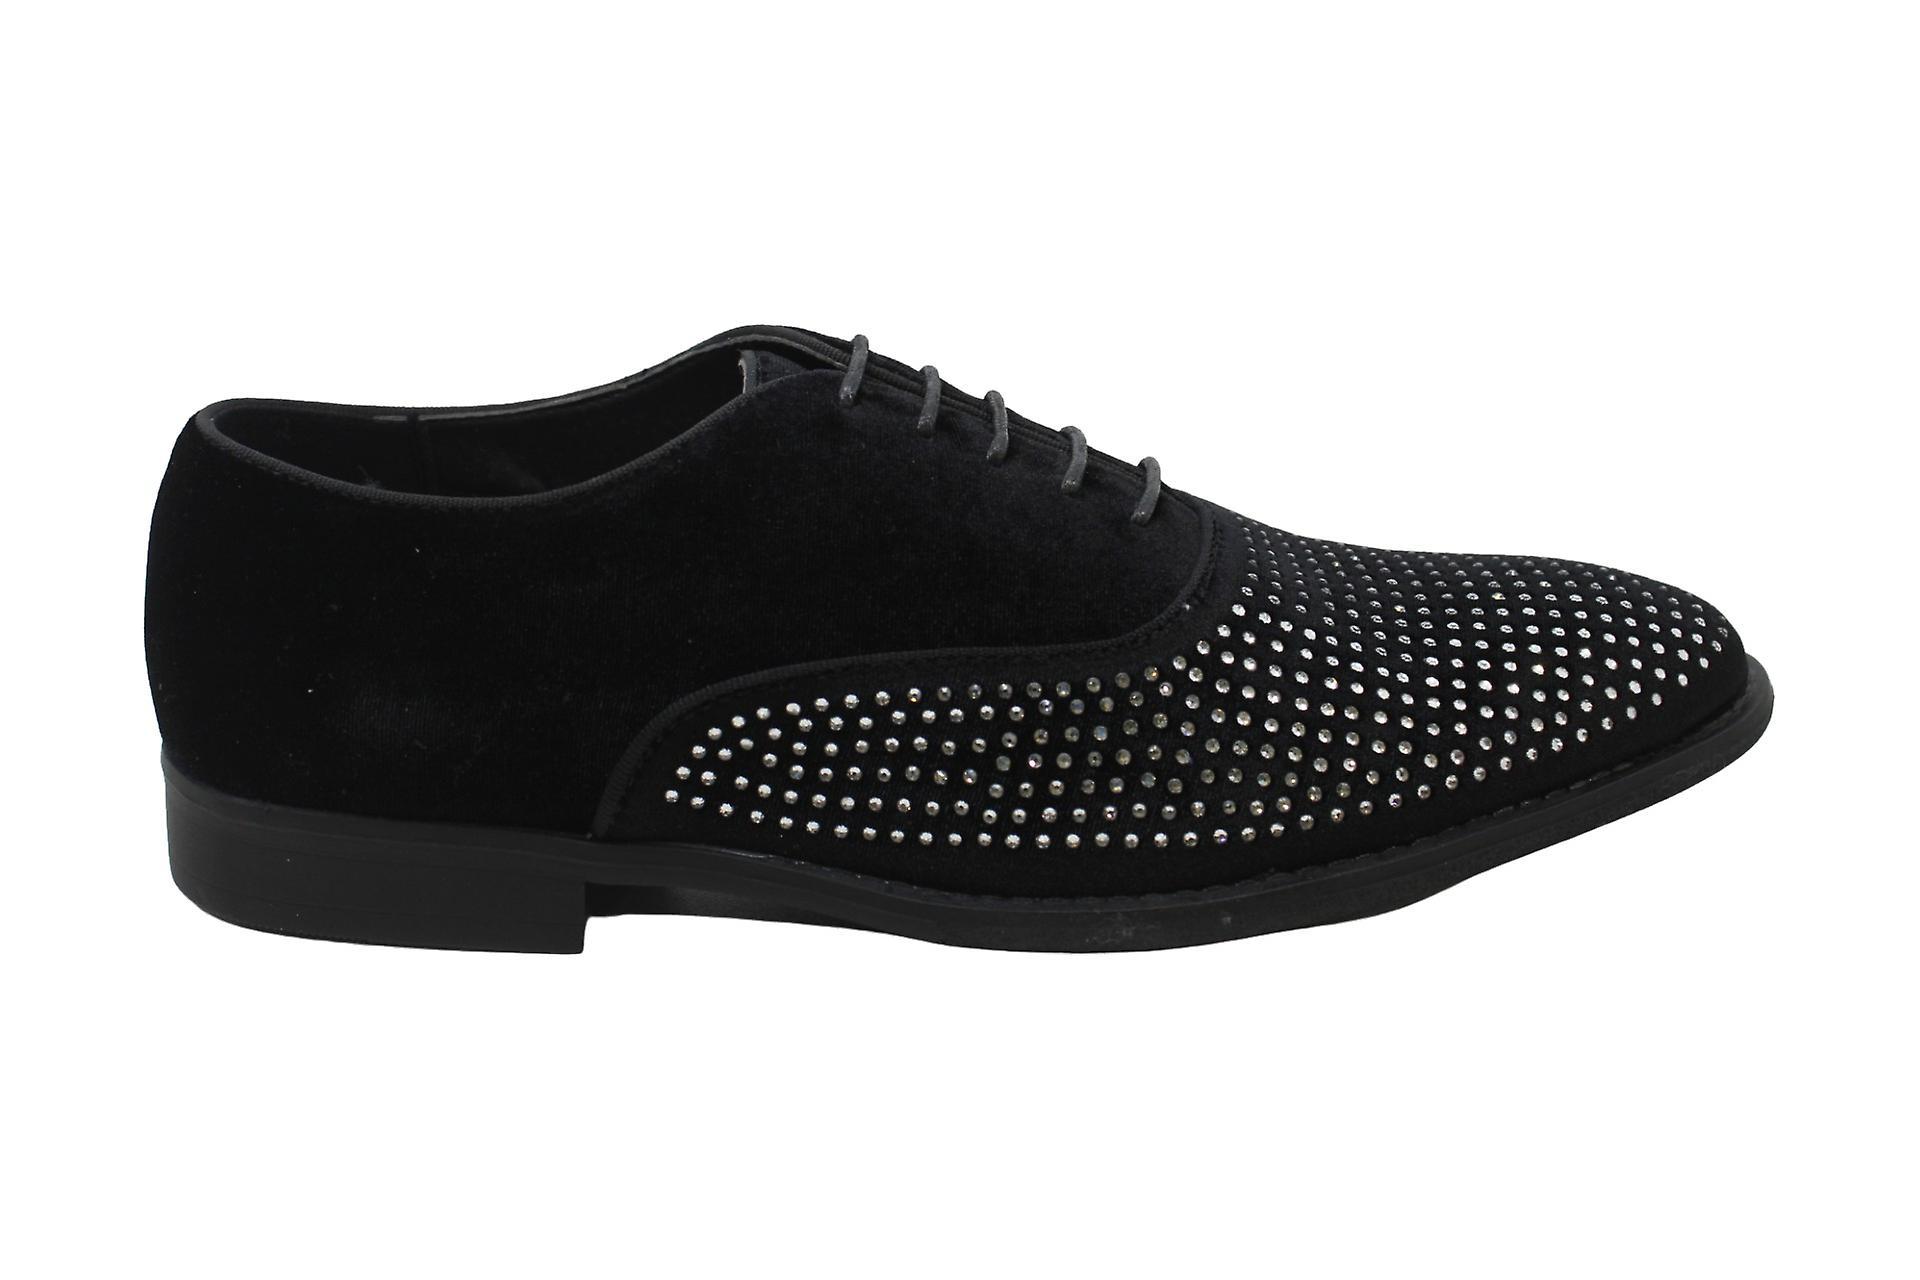 INC International Concepts Men's Shoes Dominik Fabric Lace Up Dress Oxfords